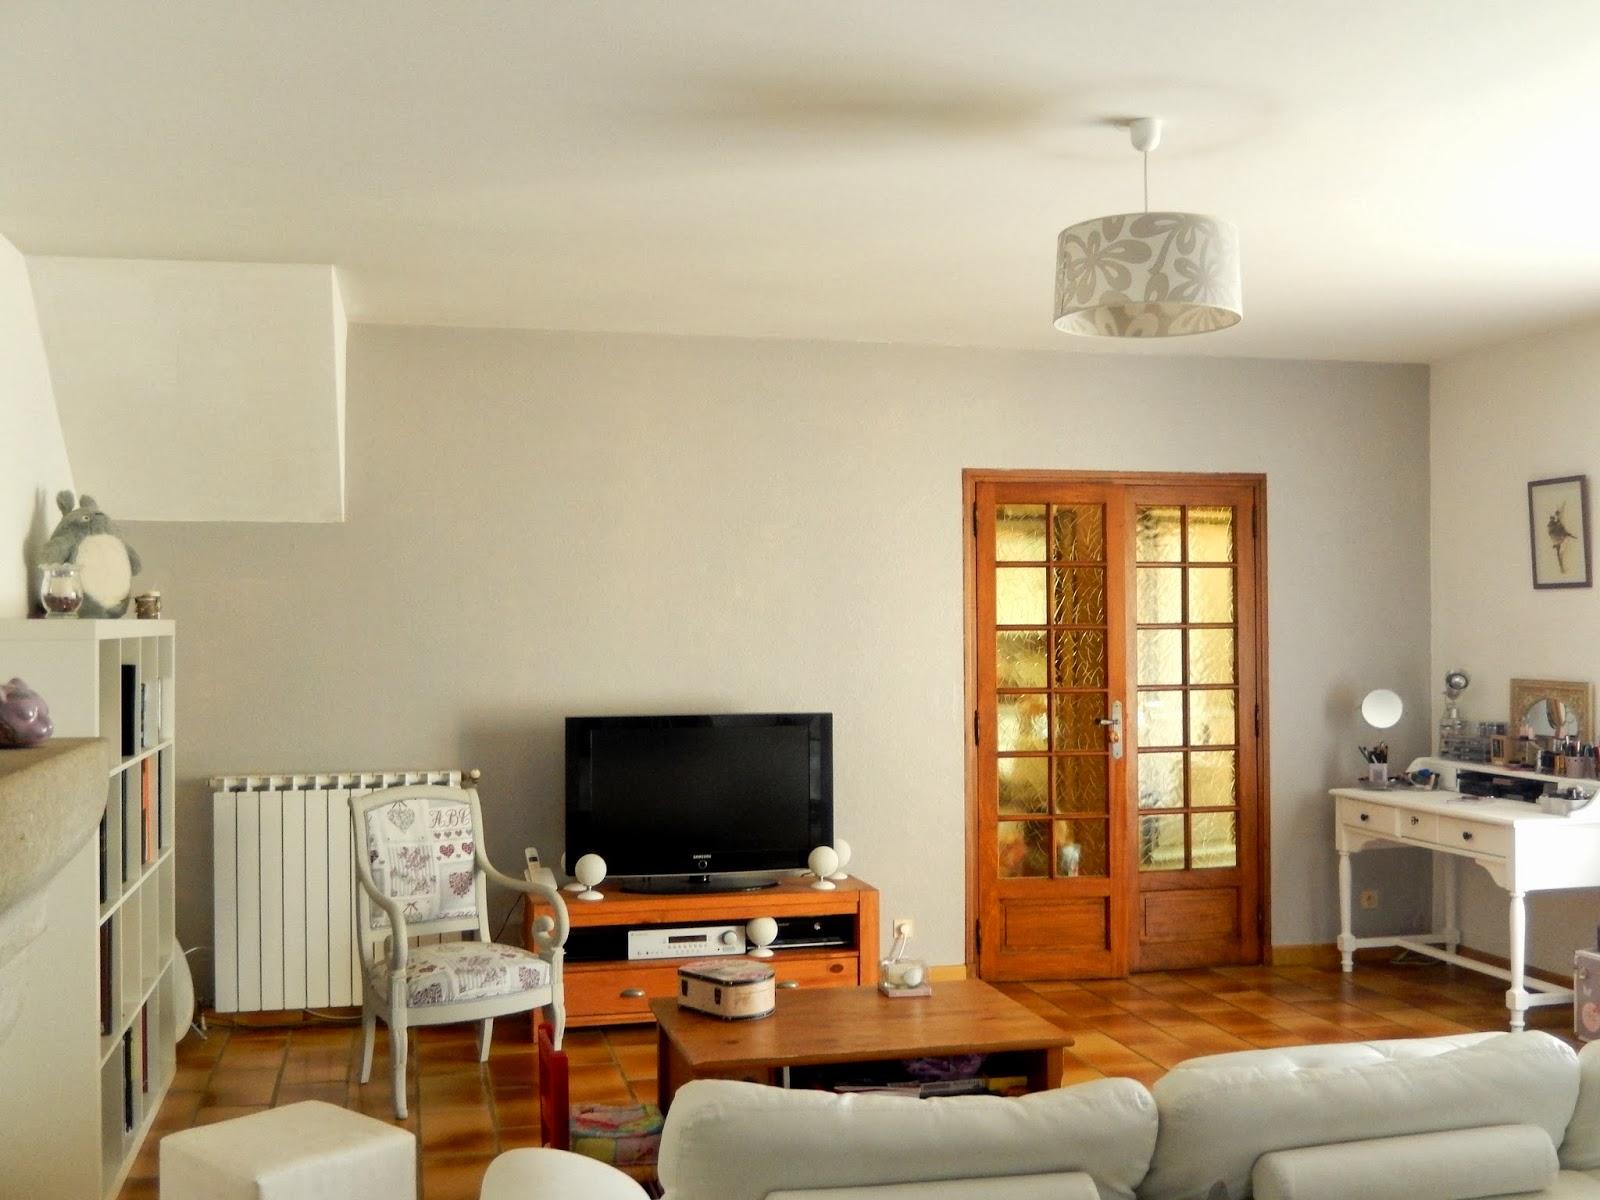 cuisine melange ancien moderne cuisine melange ancien moderne cuisine melange ancien emejing. Black Bedroom Furniture Sets. Home Design Ideas